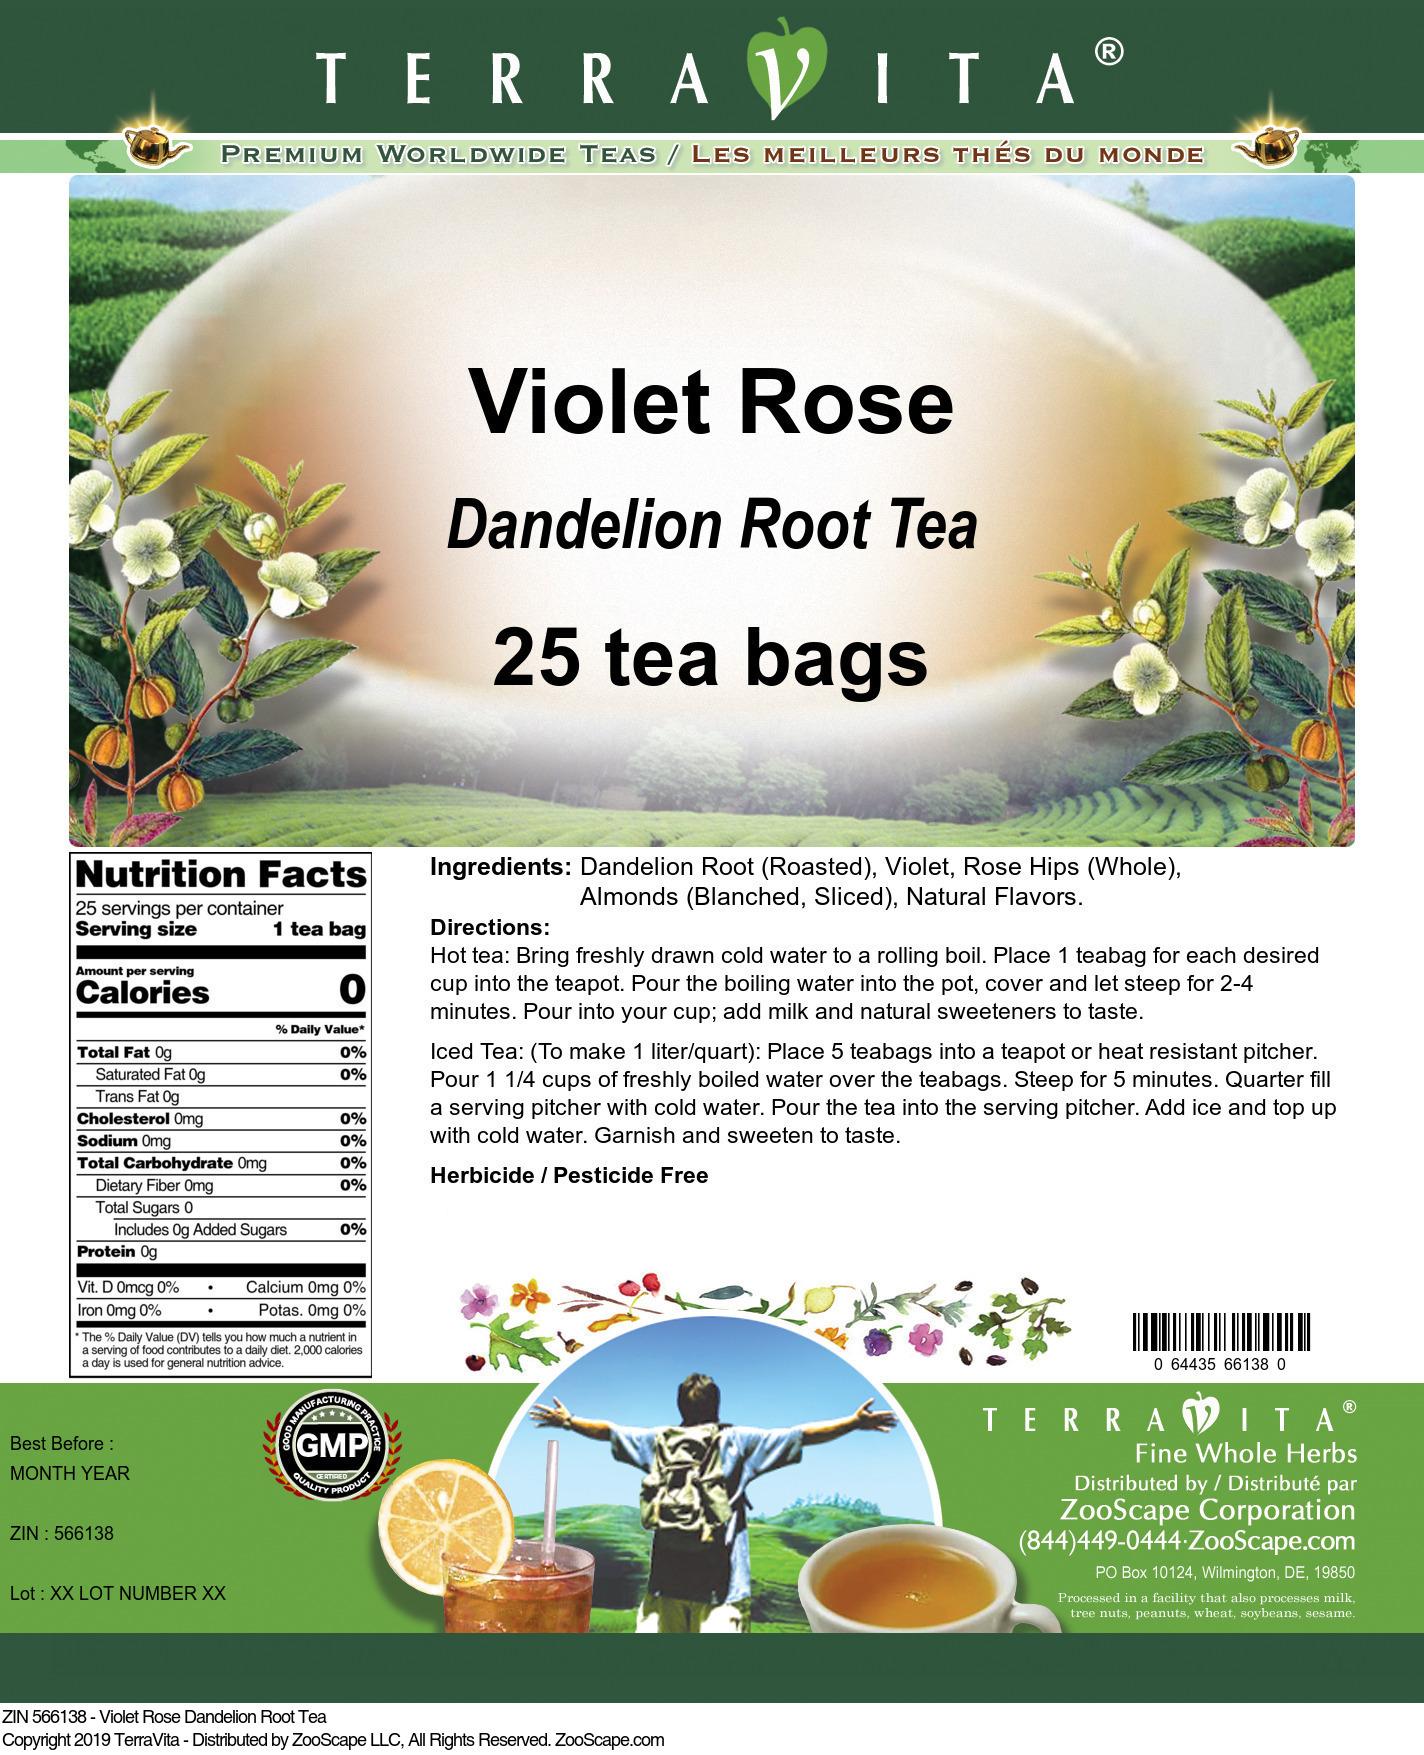 Violet Rose Dandelion Root